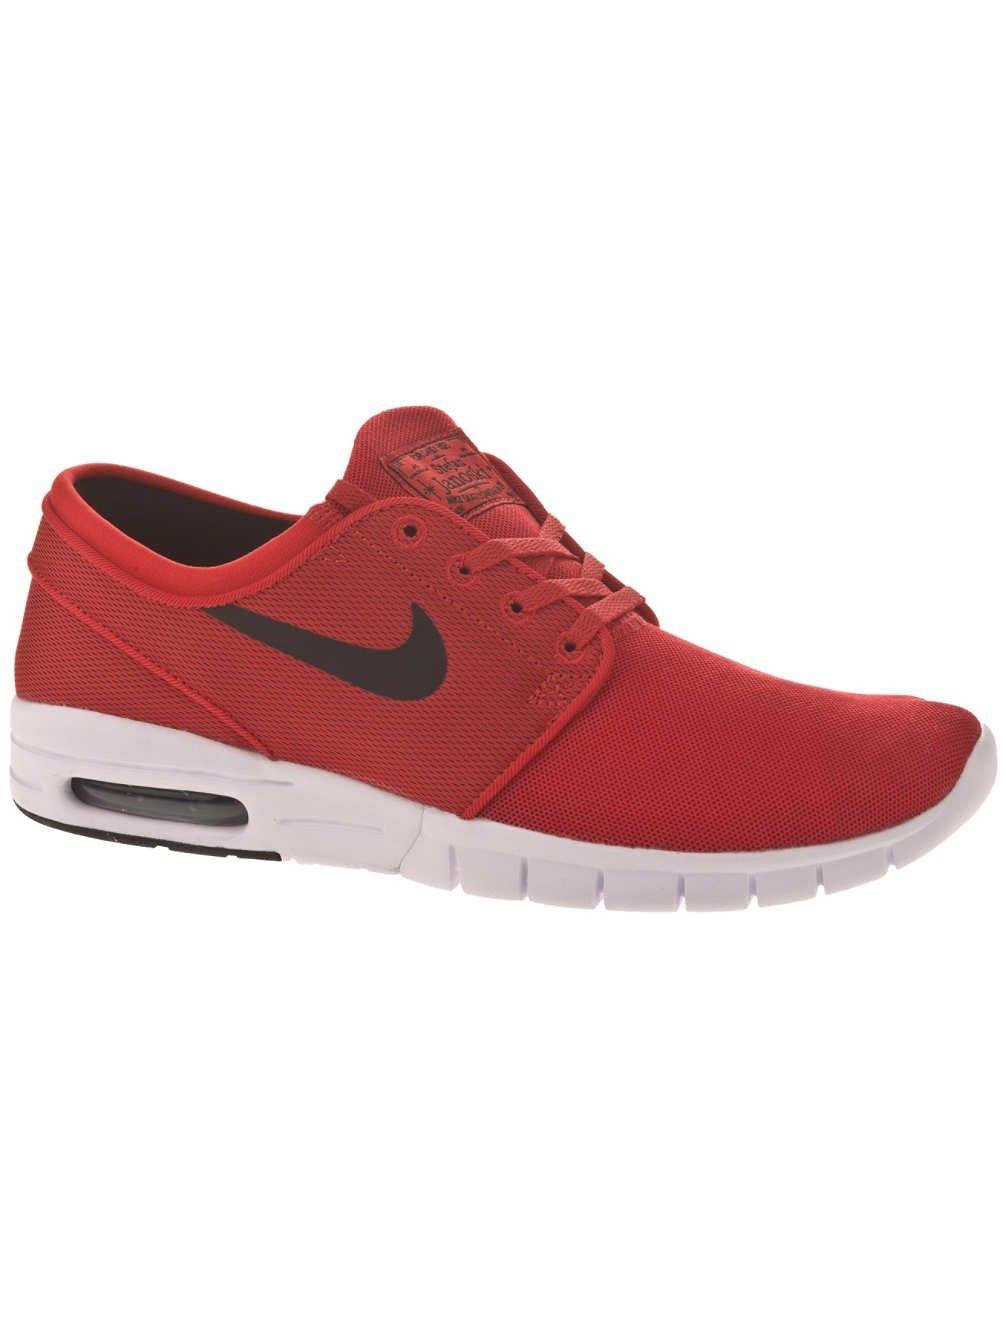 hommes / femmes est nike sb stefan janoki max max janoki   formateurs 631303 chaussures chaussures charmant design moins cher vw183 générale des produits 20dad5